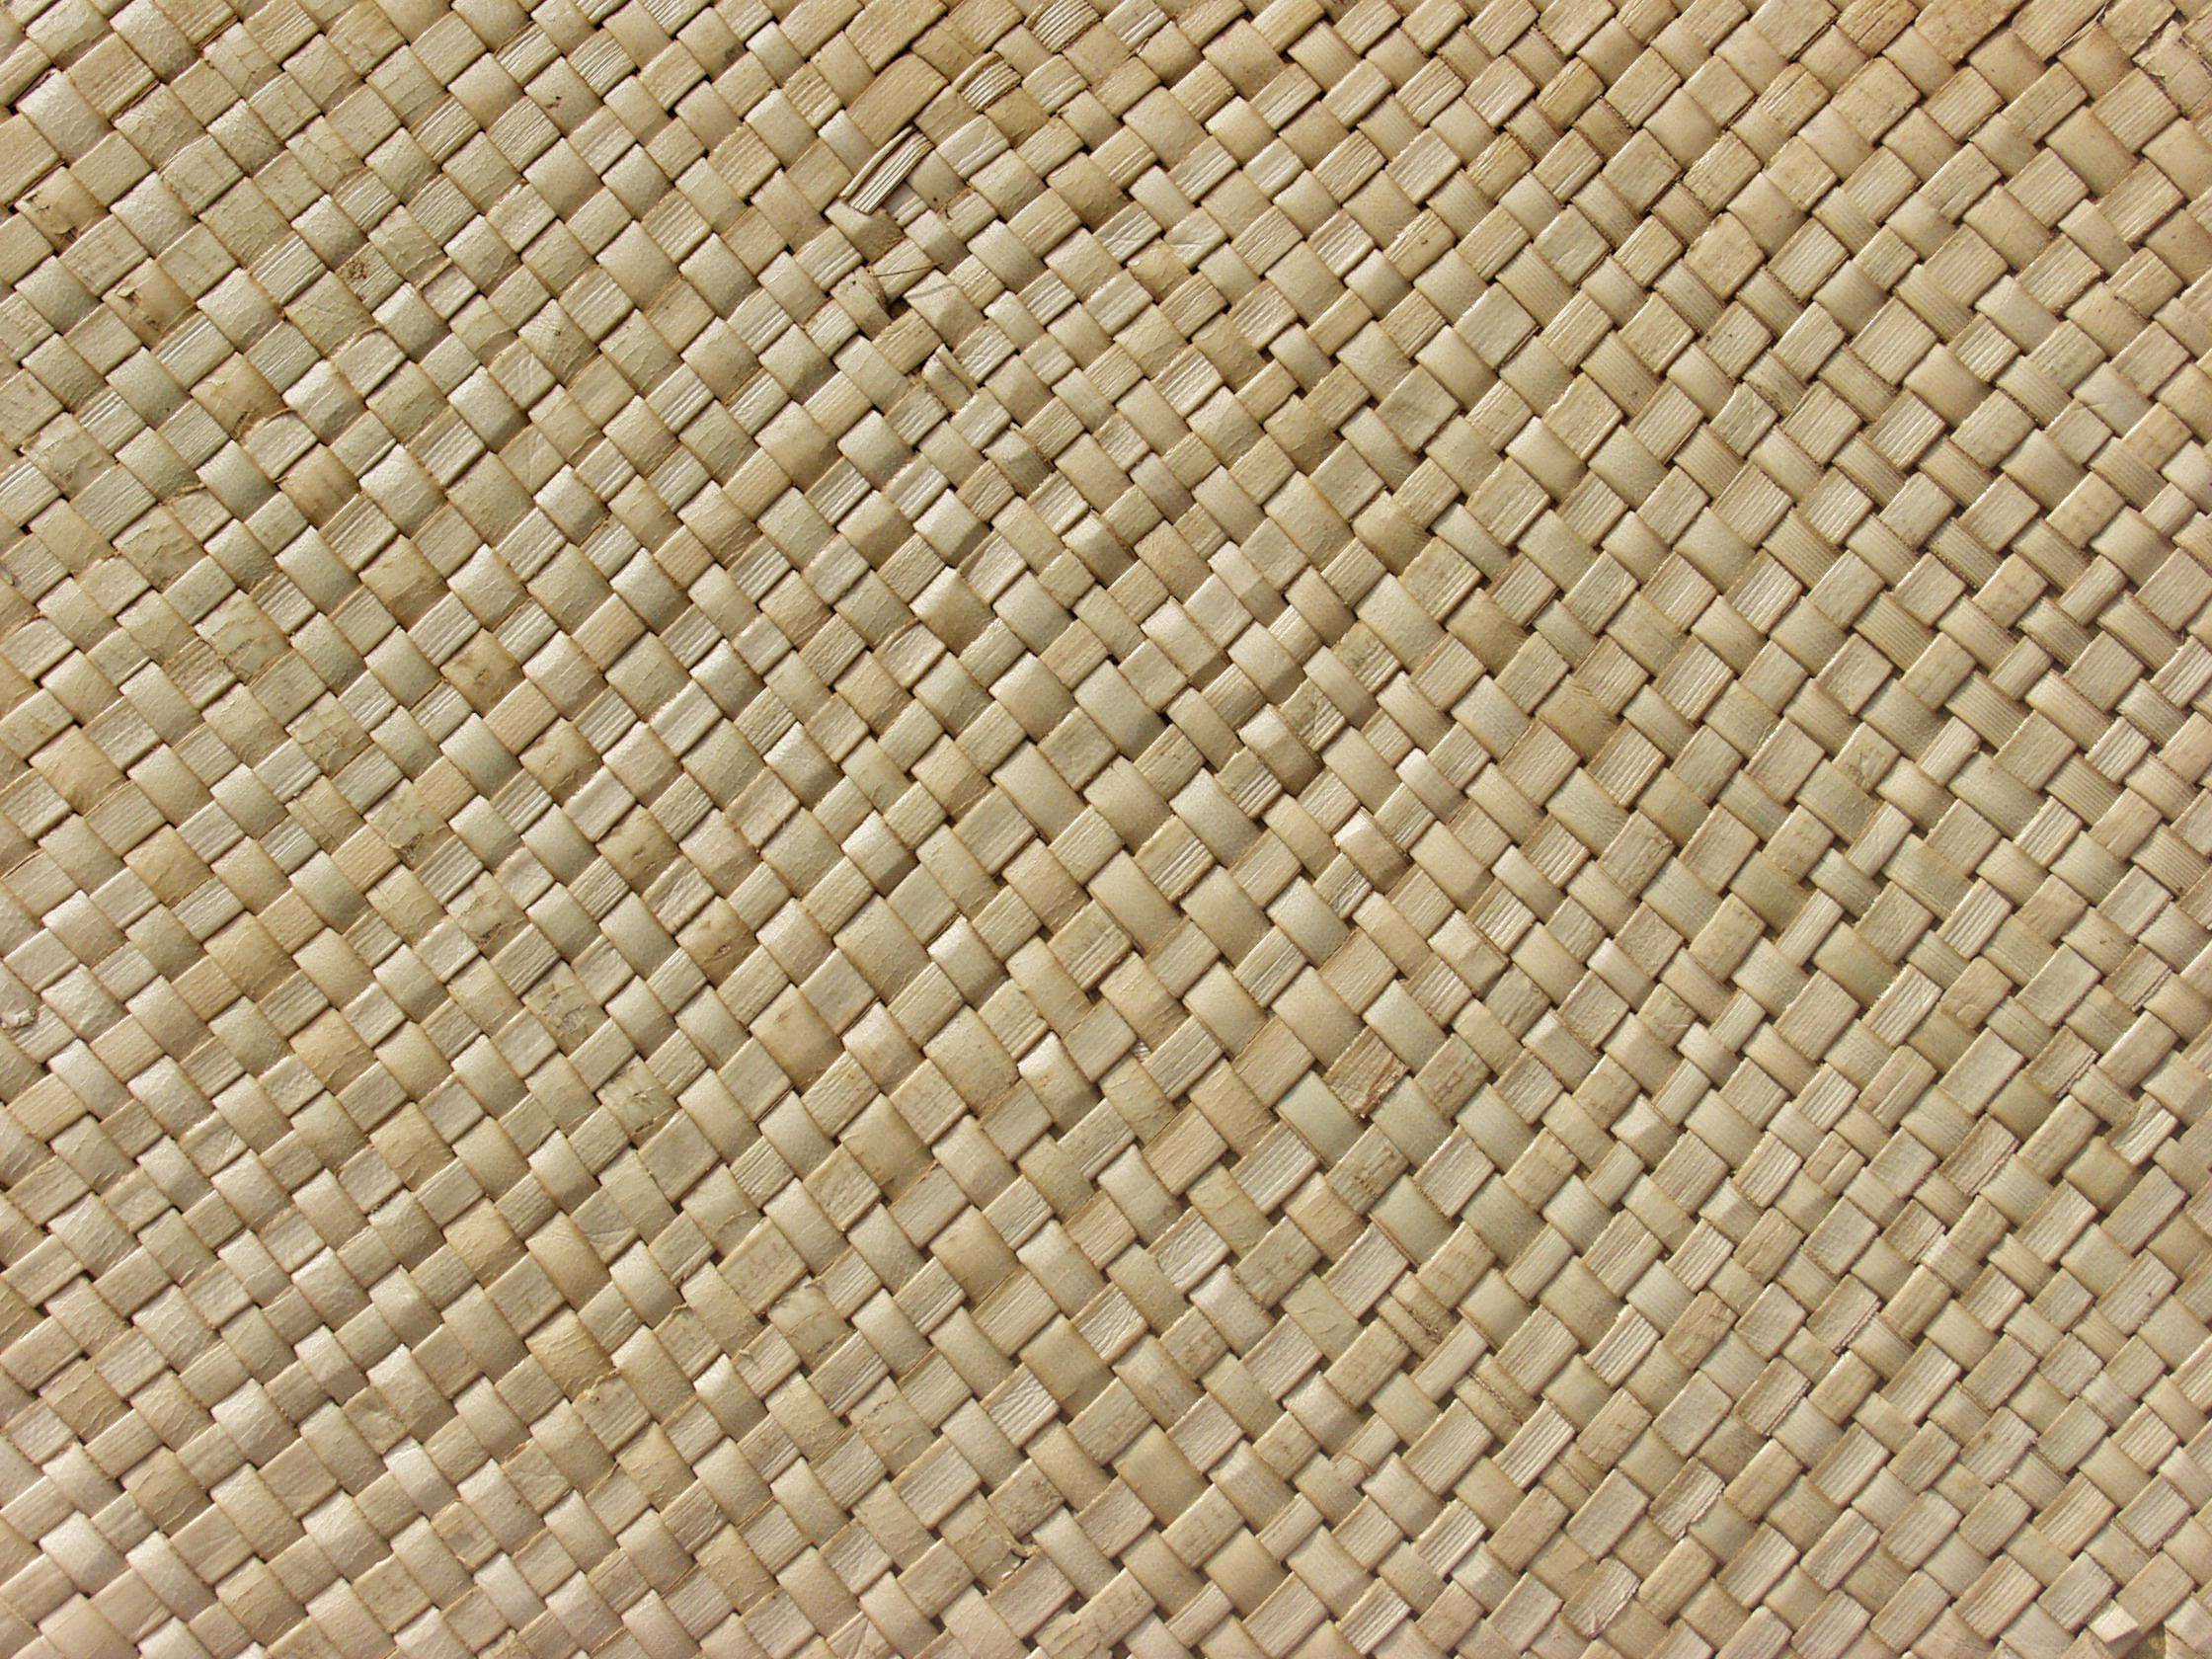 木材-编制品(9)高清贴图【ID:736660240】